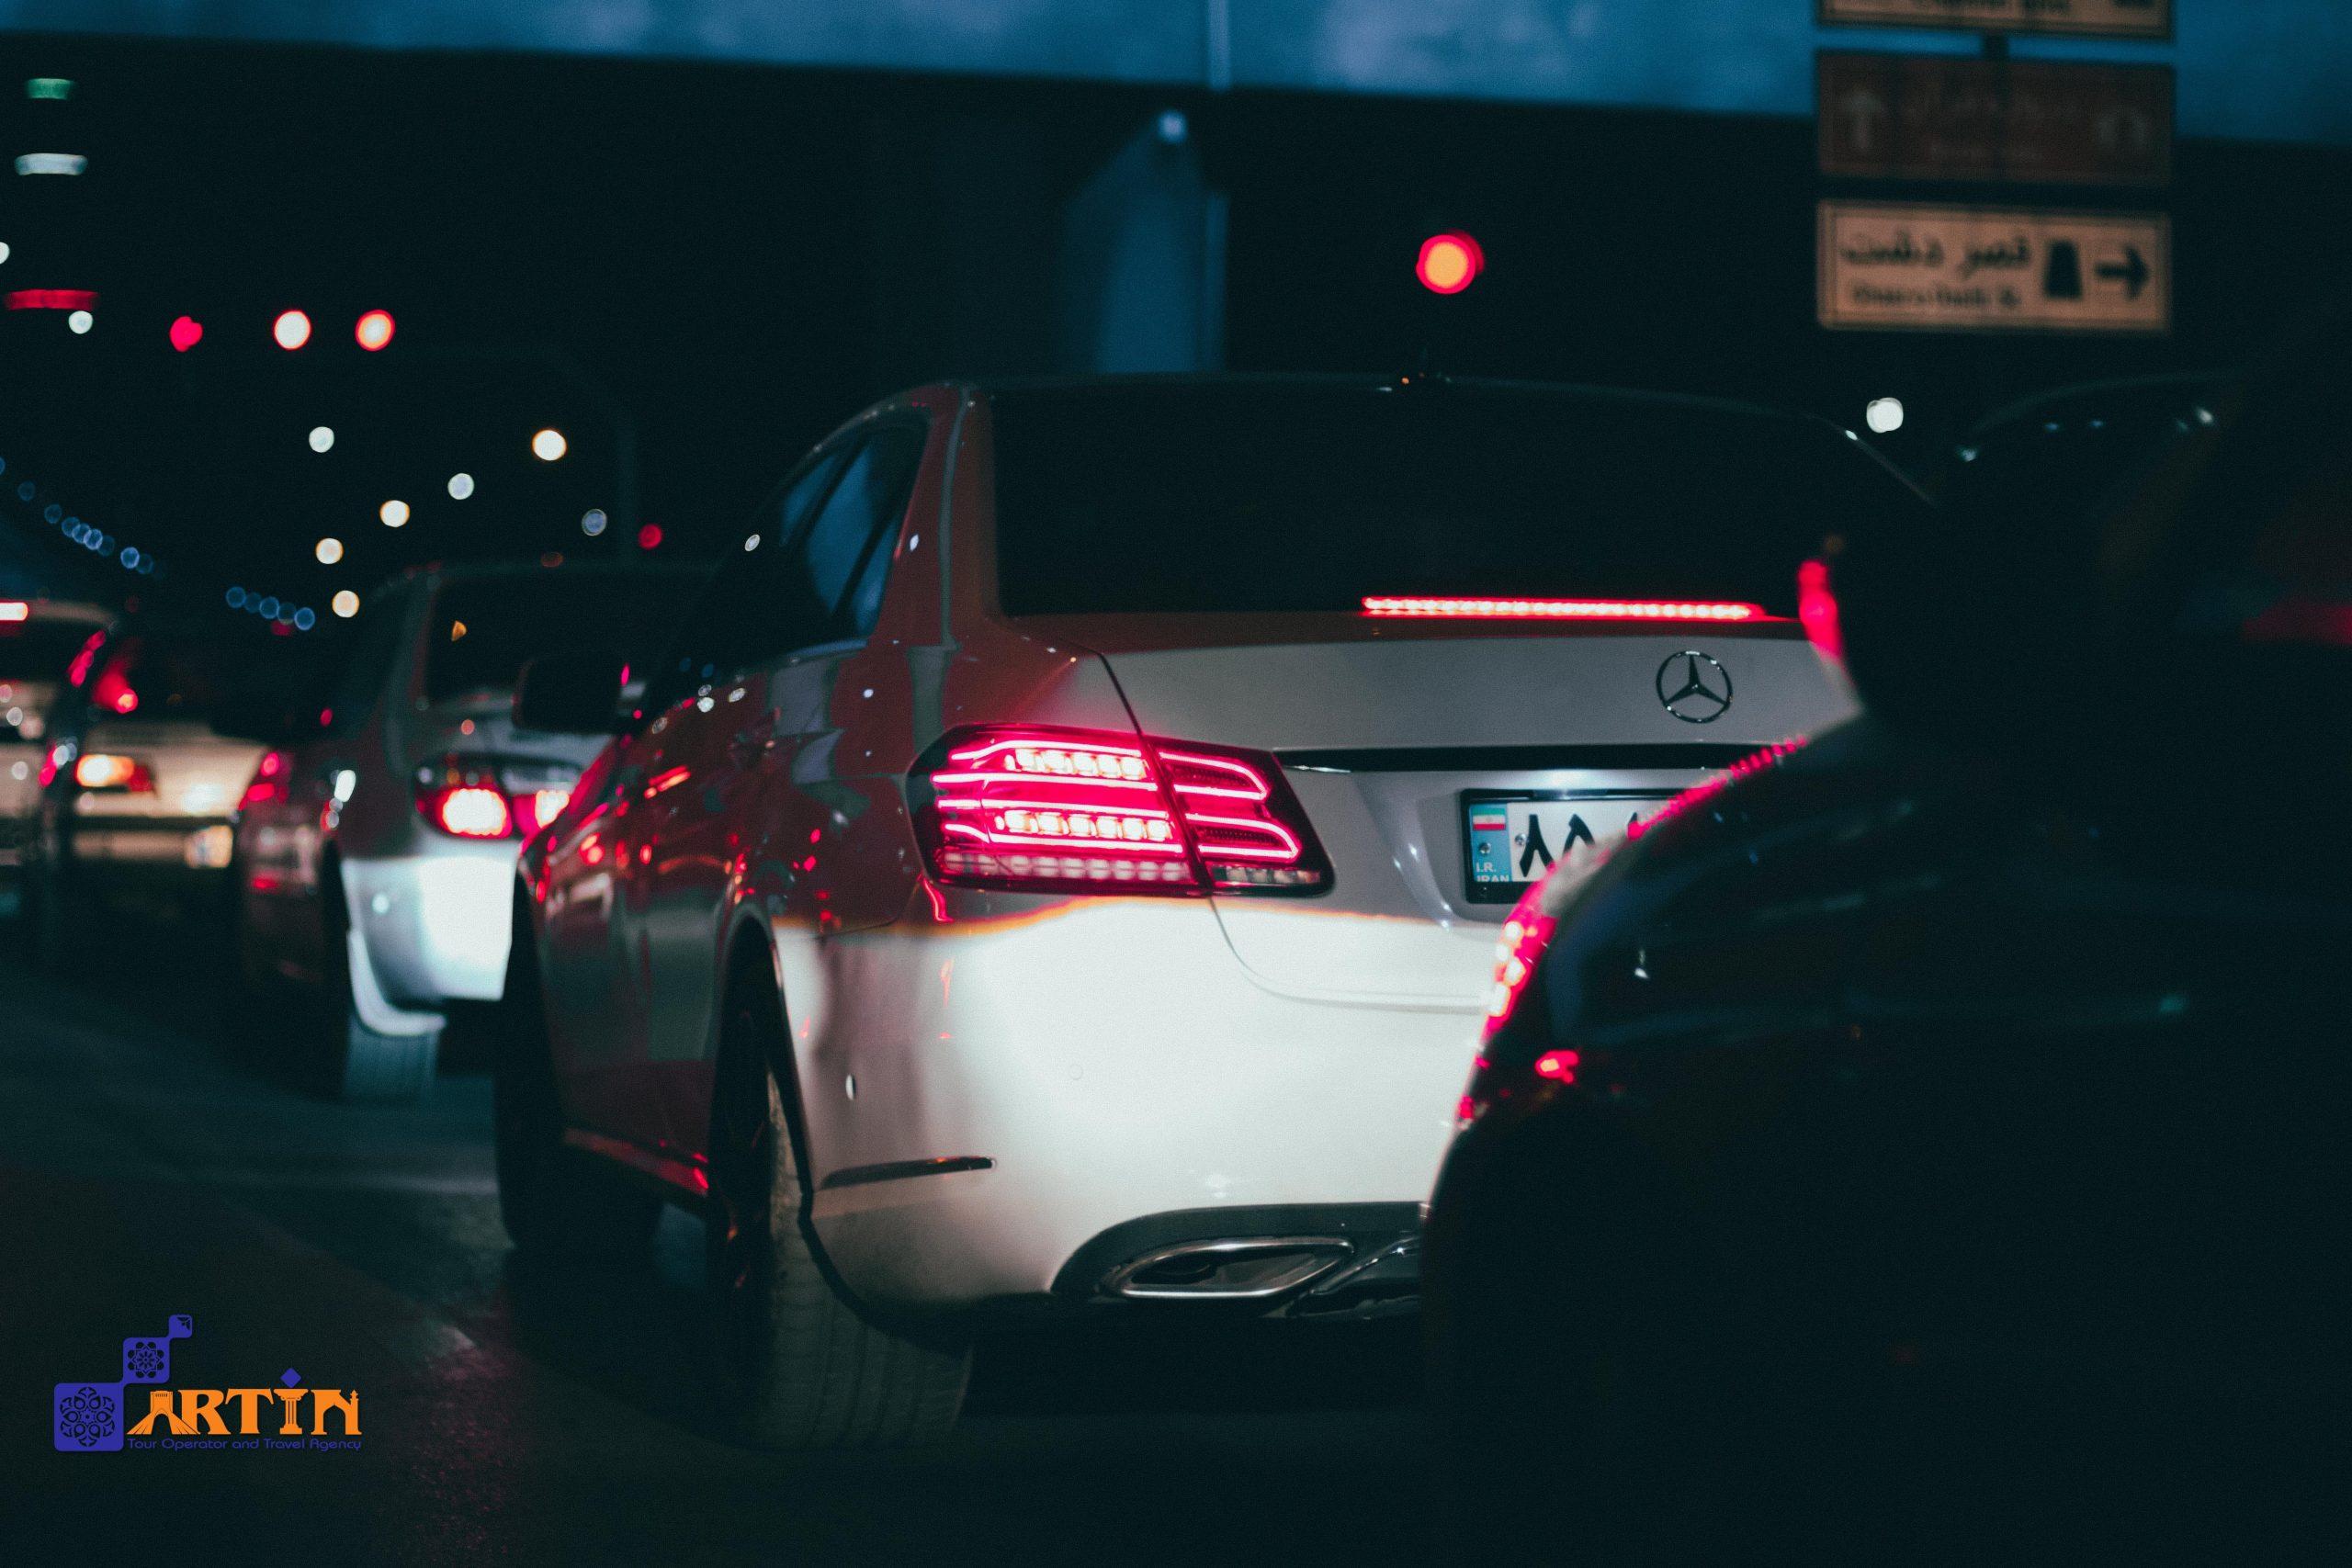 traffic in Iran roads Iran car rental fees